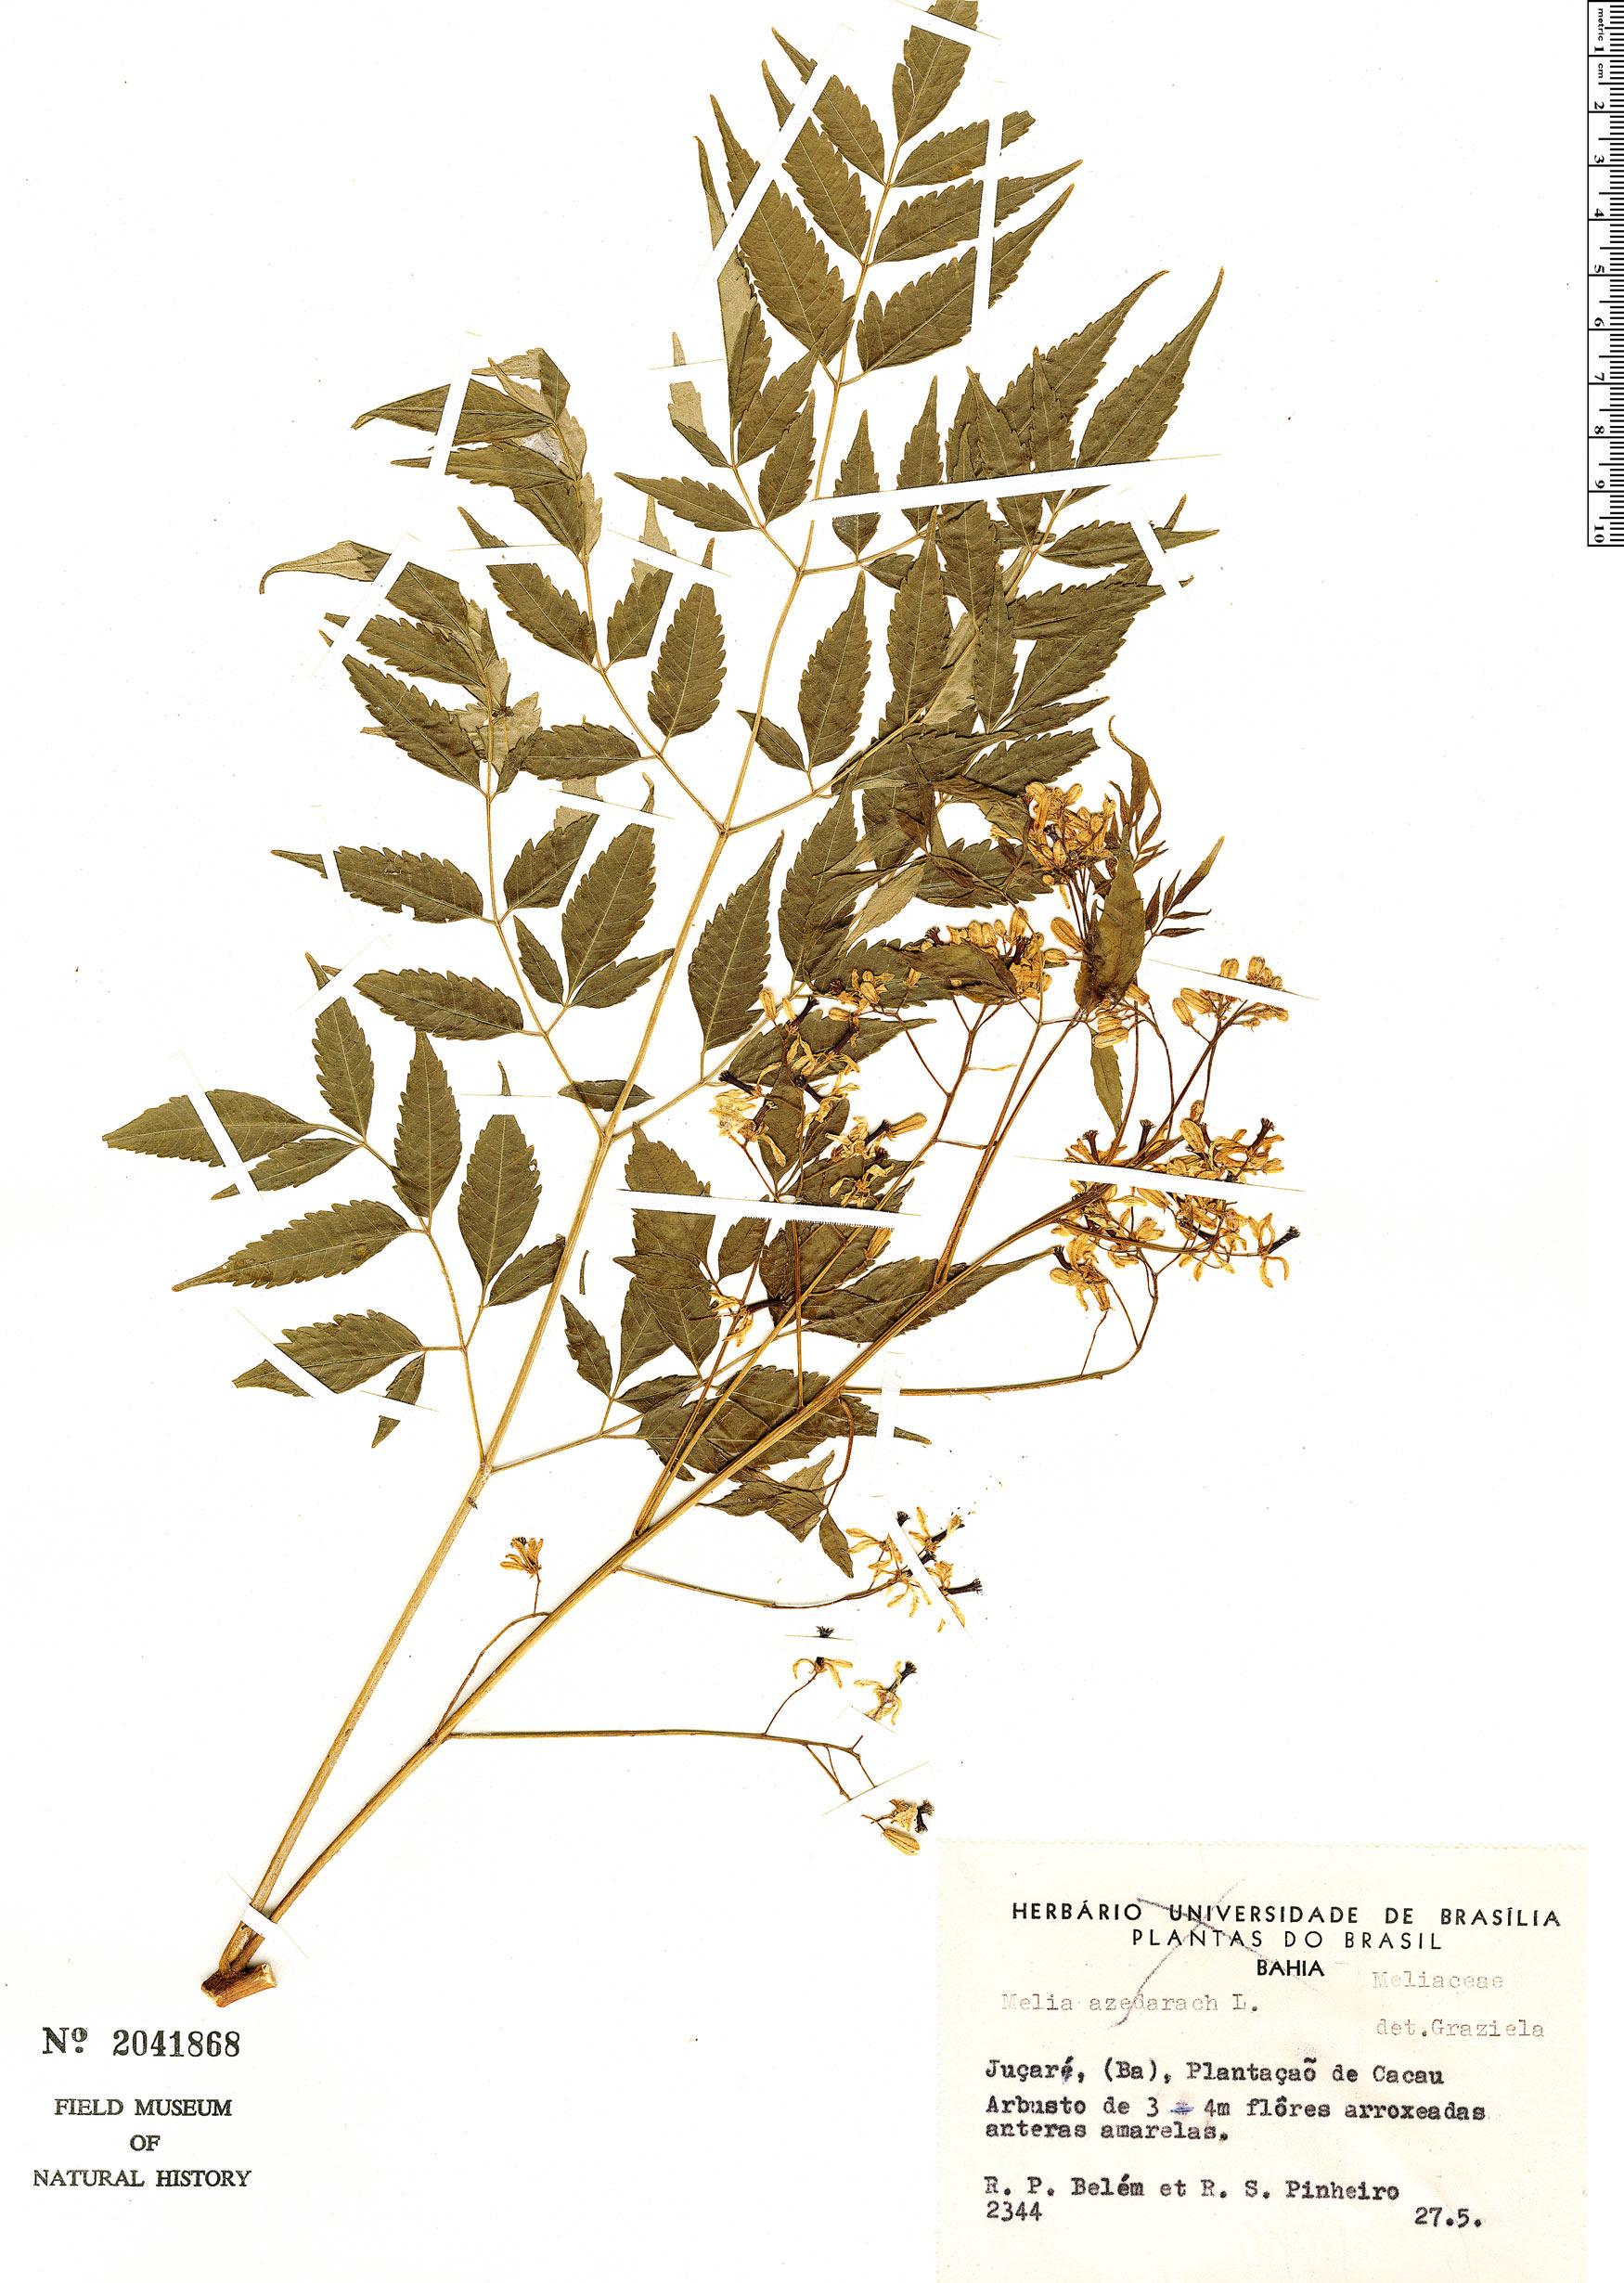 Specimen: Melia azedarach